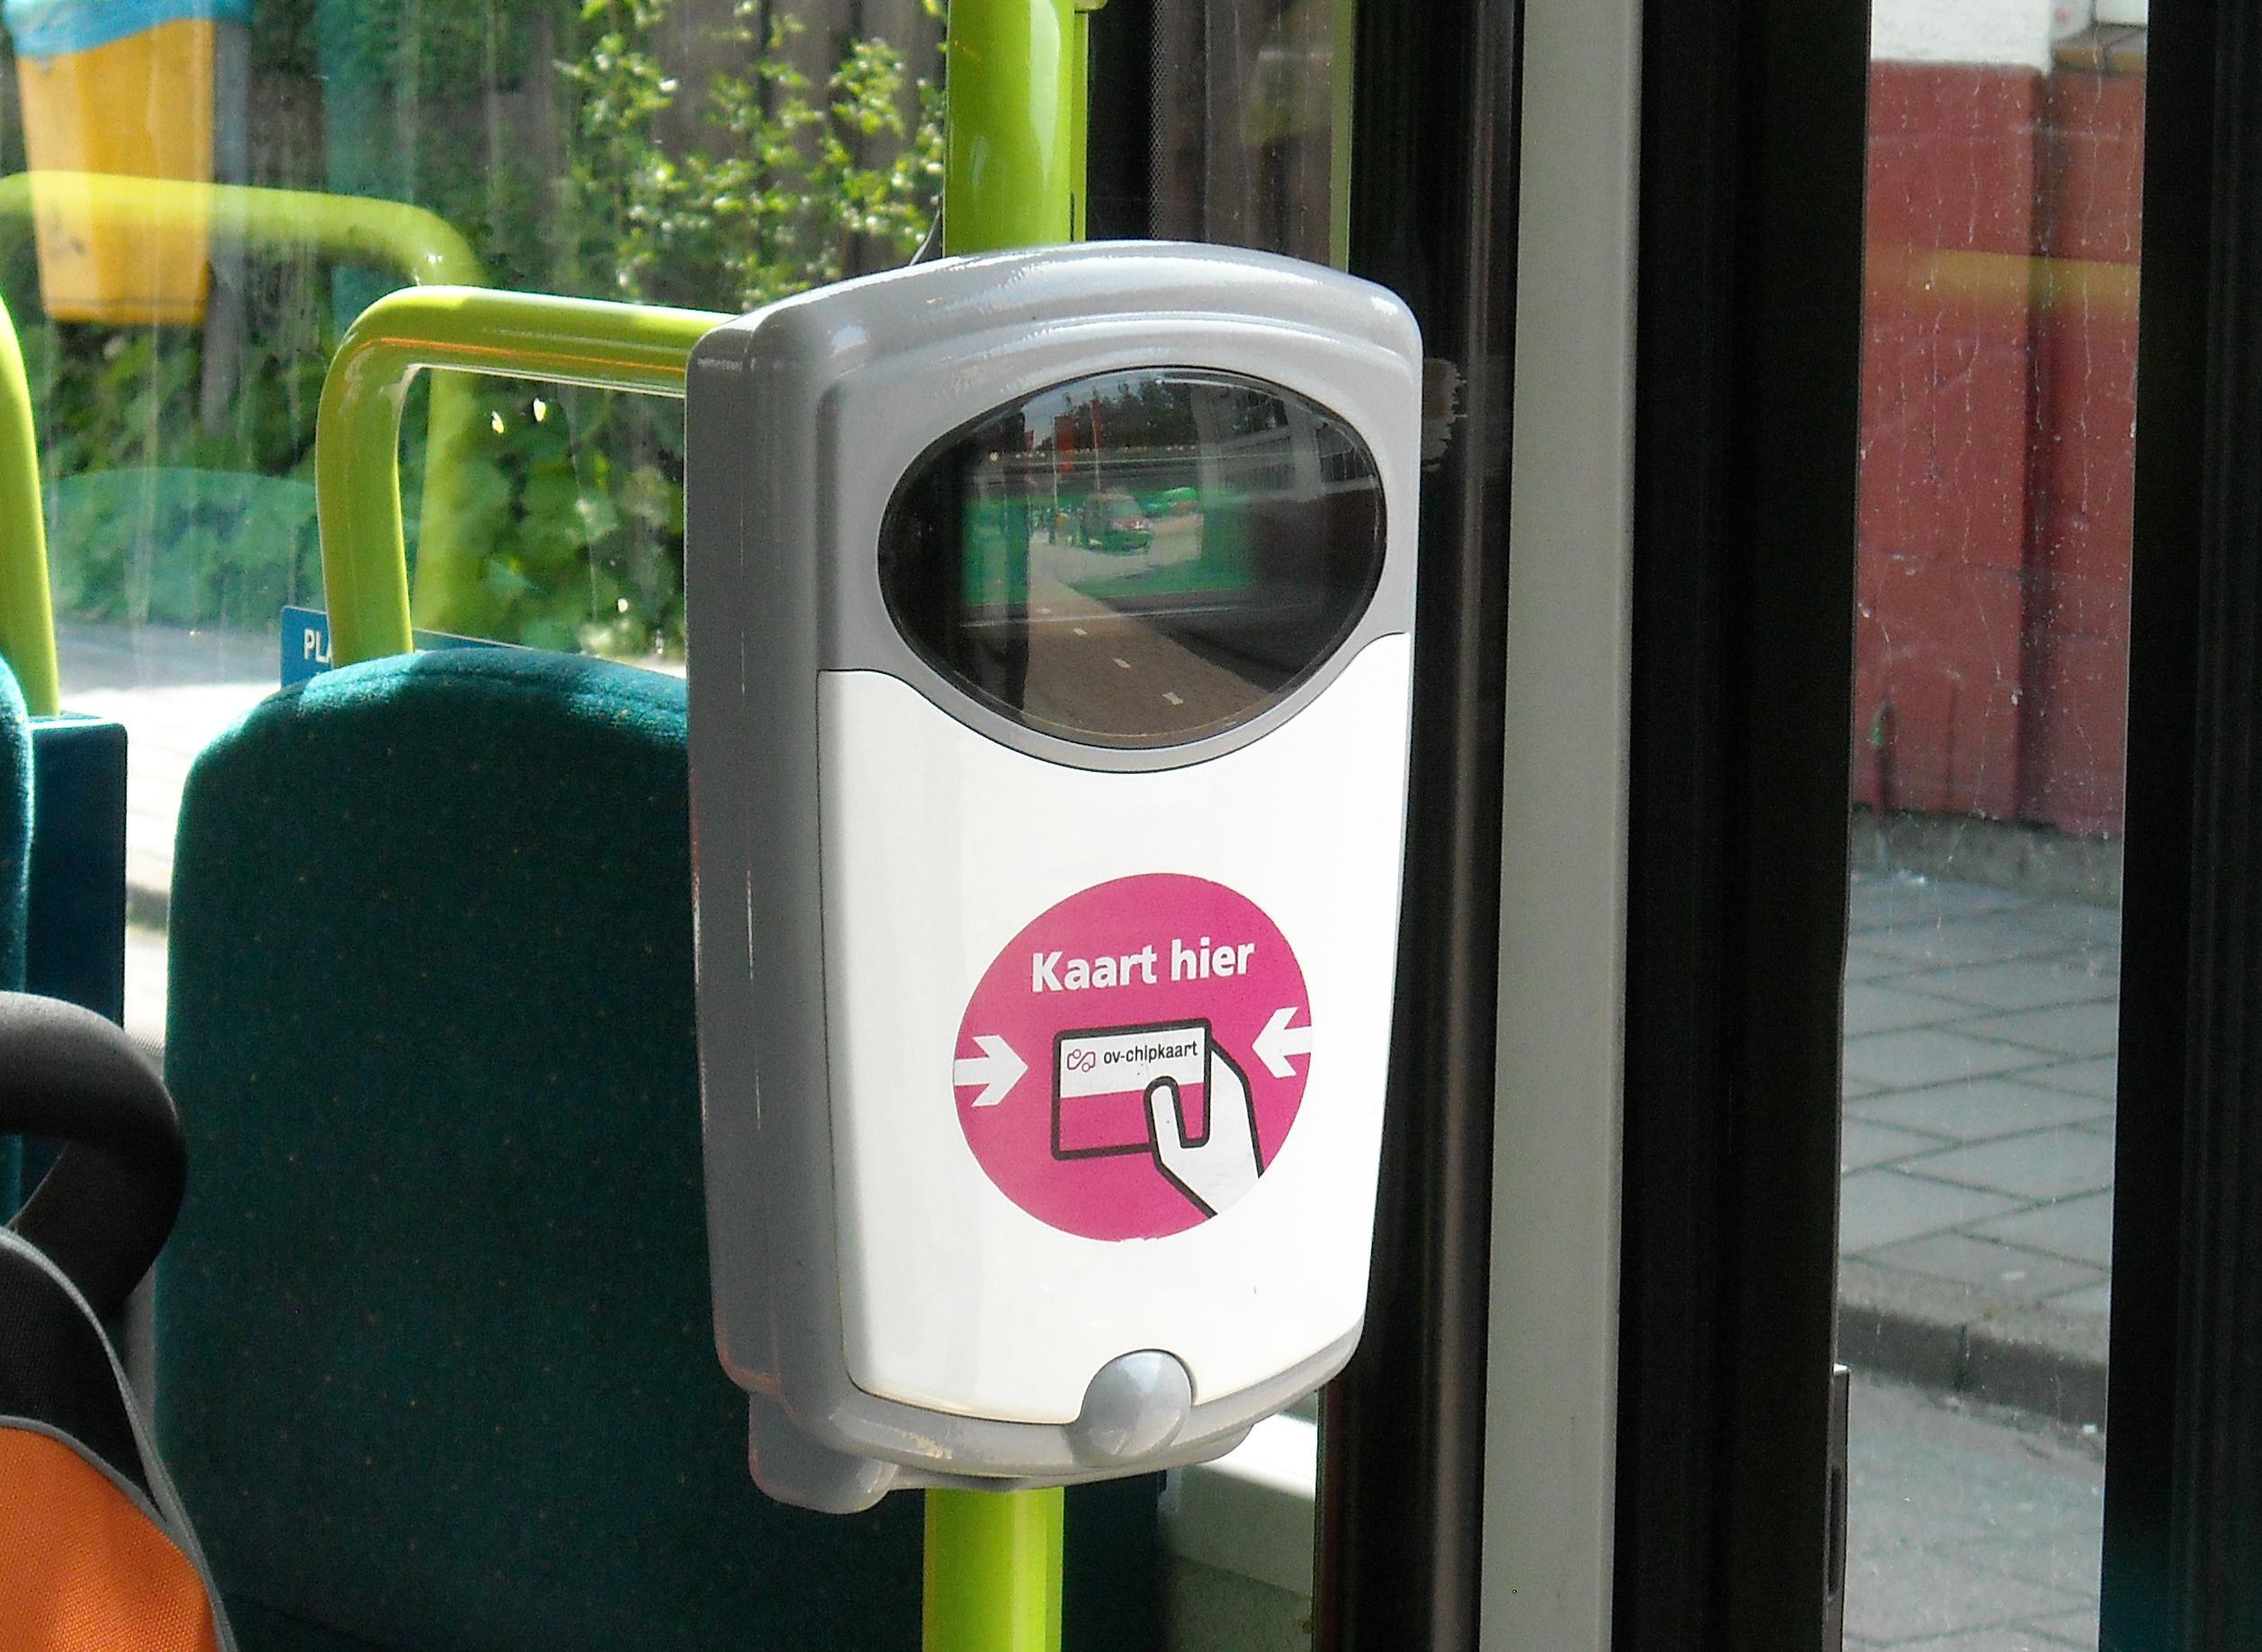 Reizigers in Enkhuizen lijken beter af met buurtbus dan met reguliere buslijn